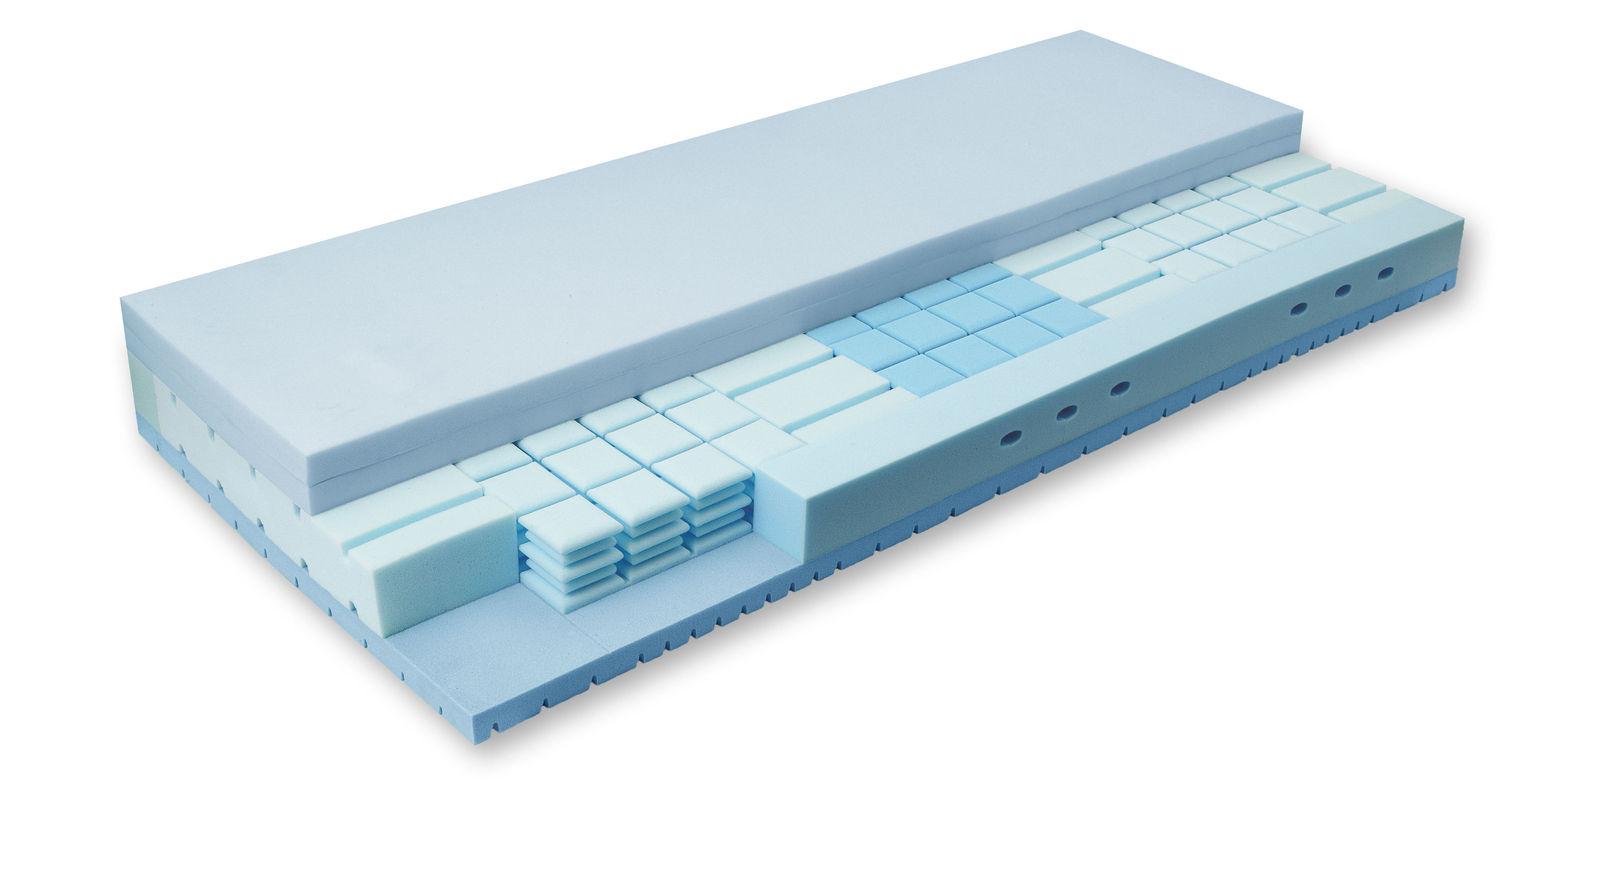 Gelax-Schaumfeder-Matratze Hylex Spring mit innovativem Innenaufbau